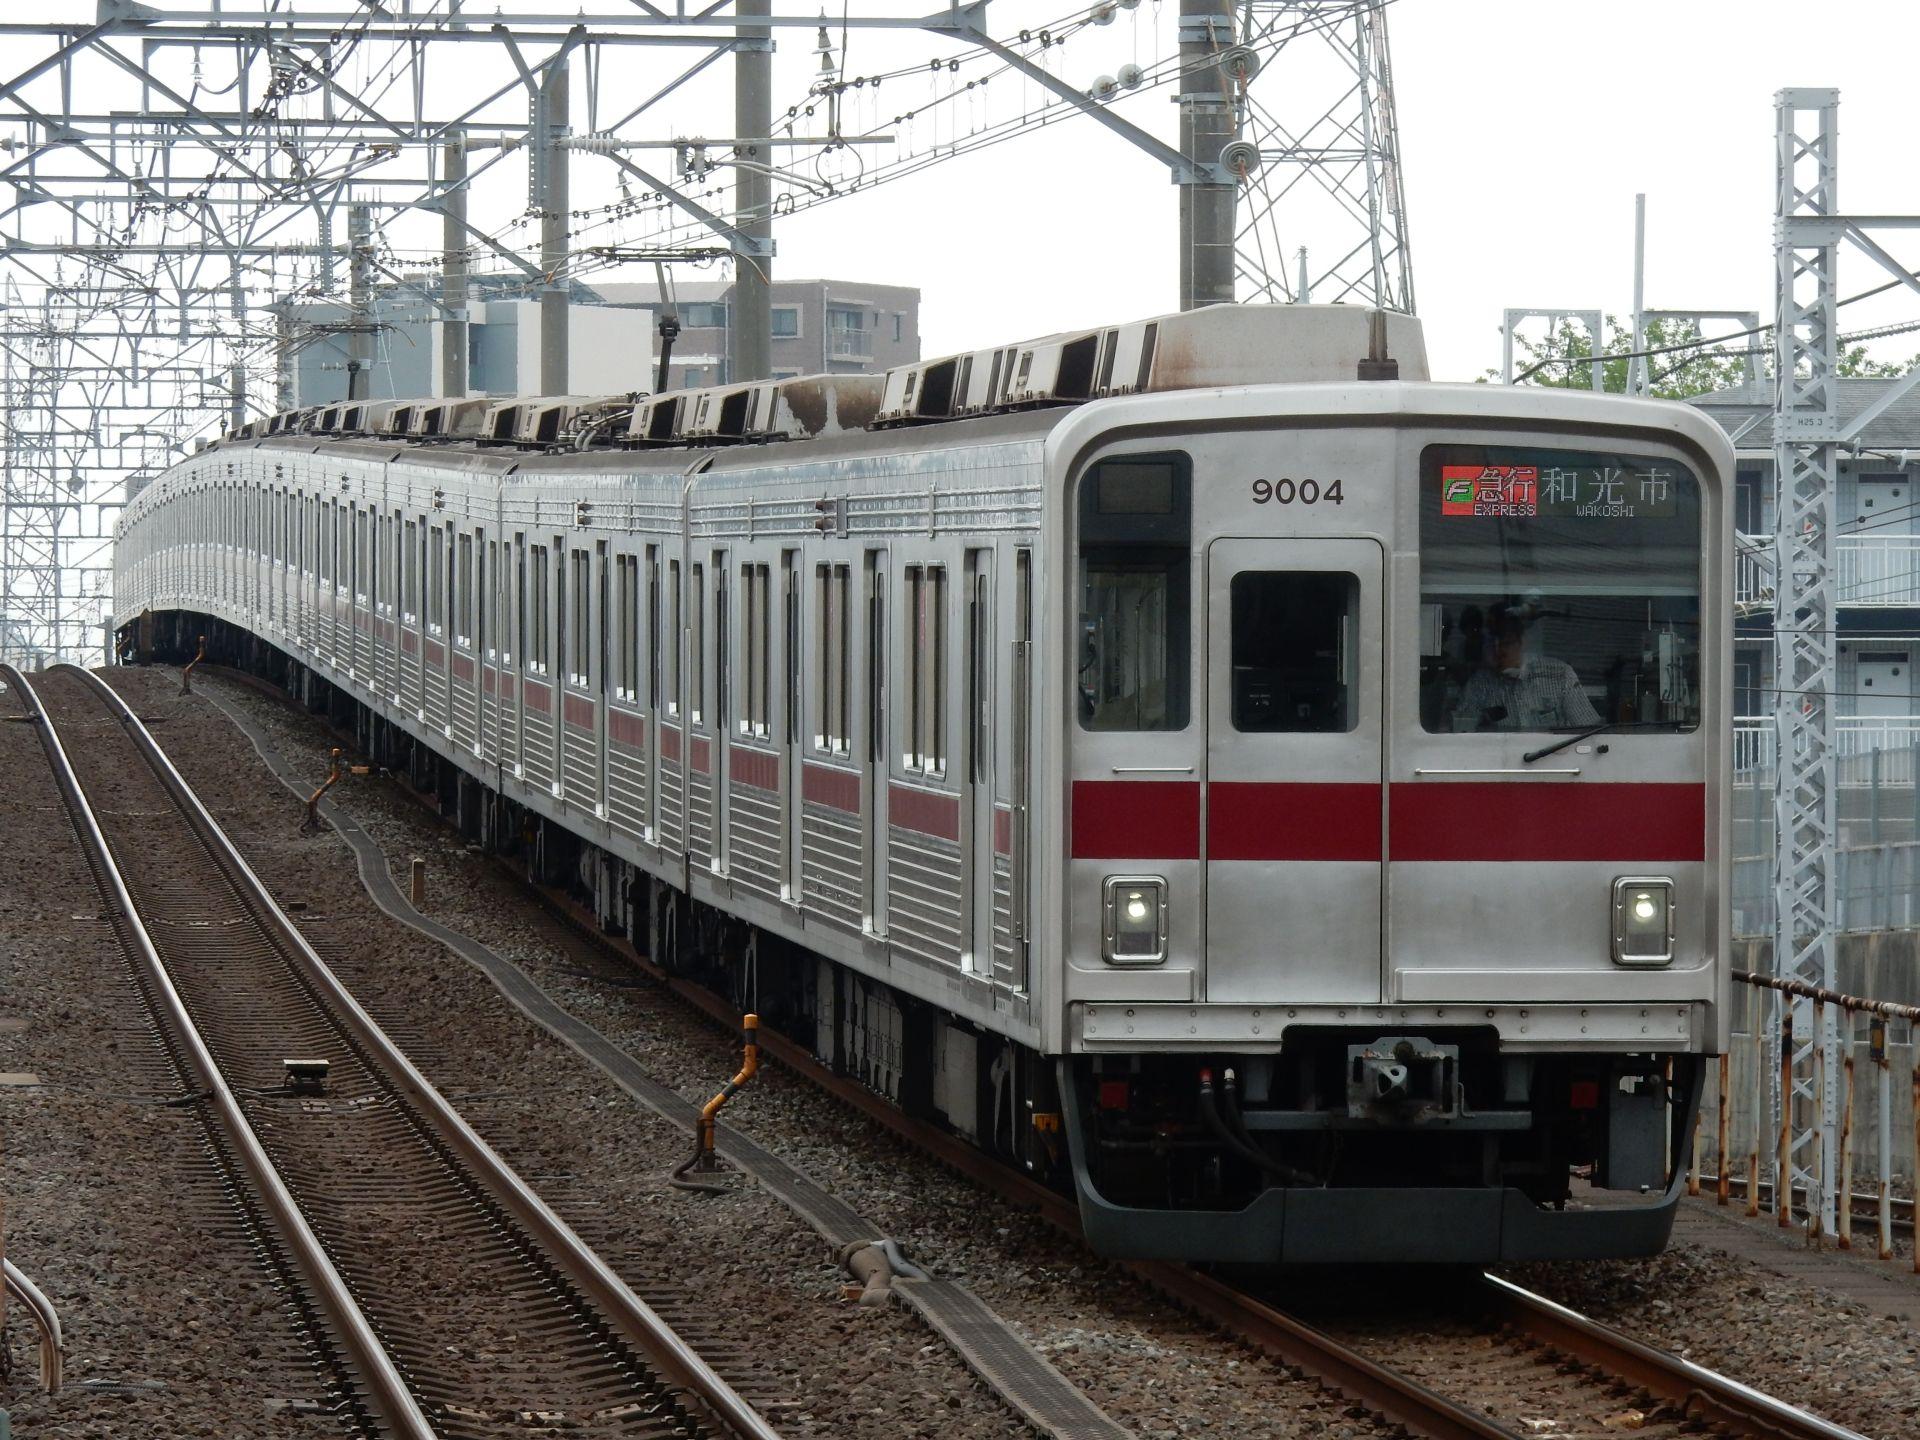 DSCN8731 - コピー